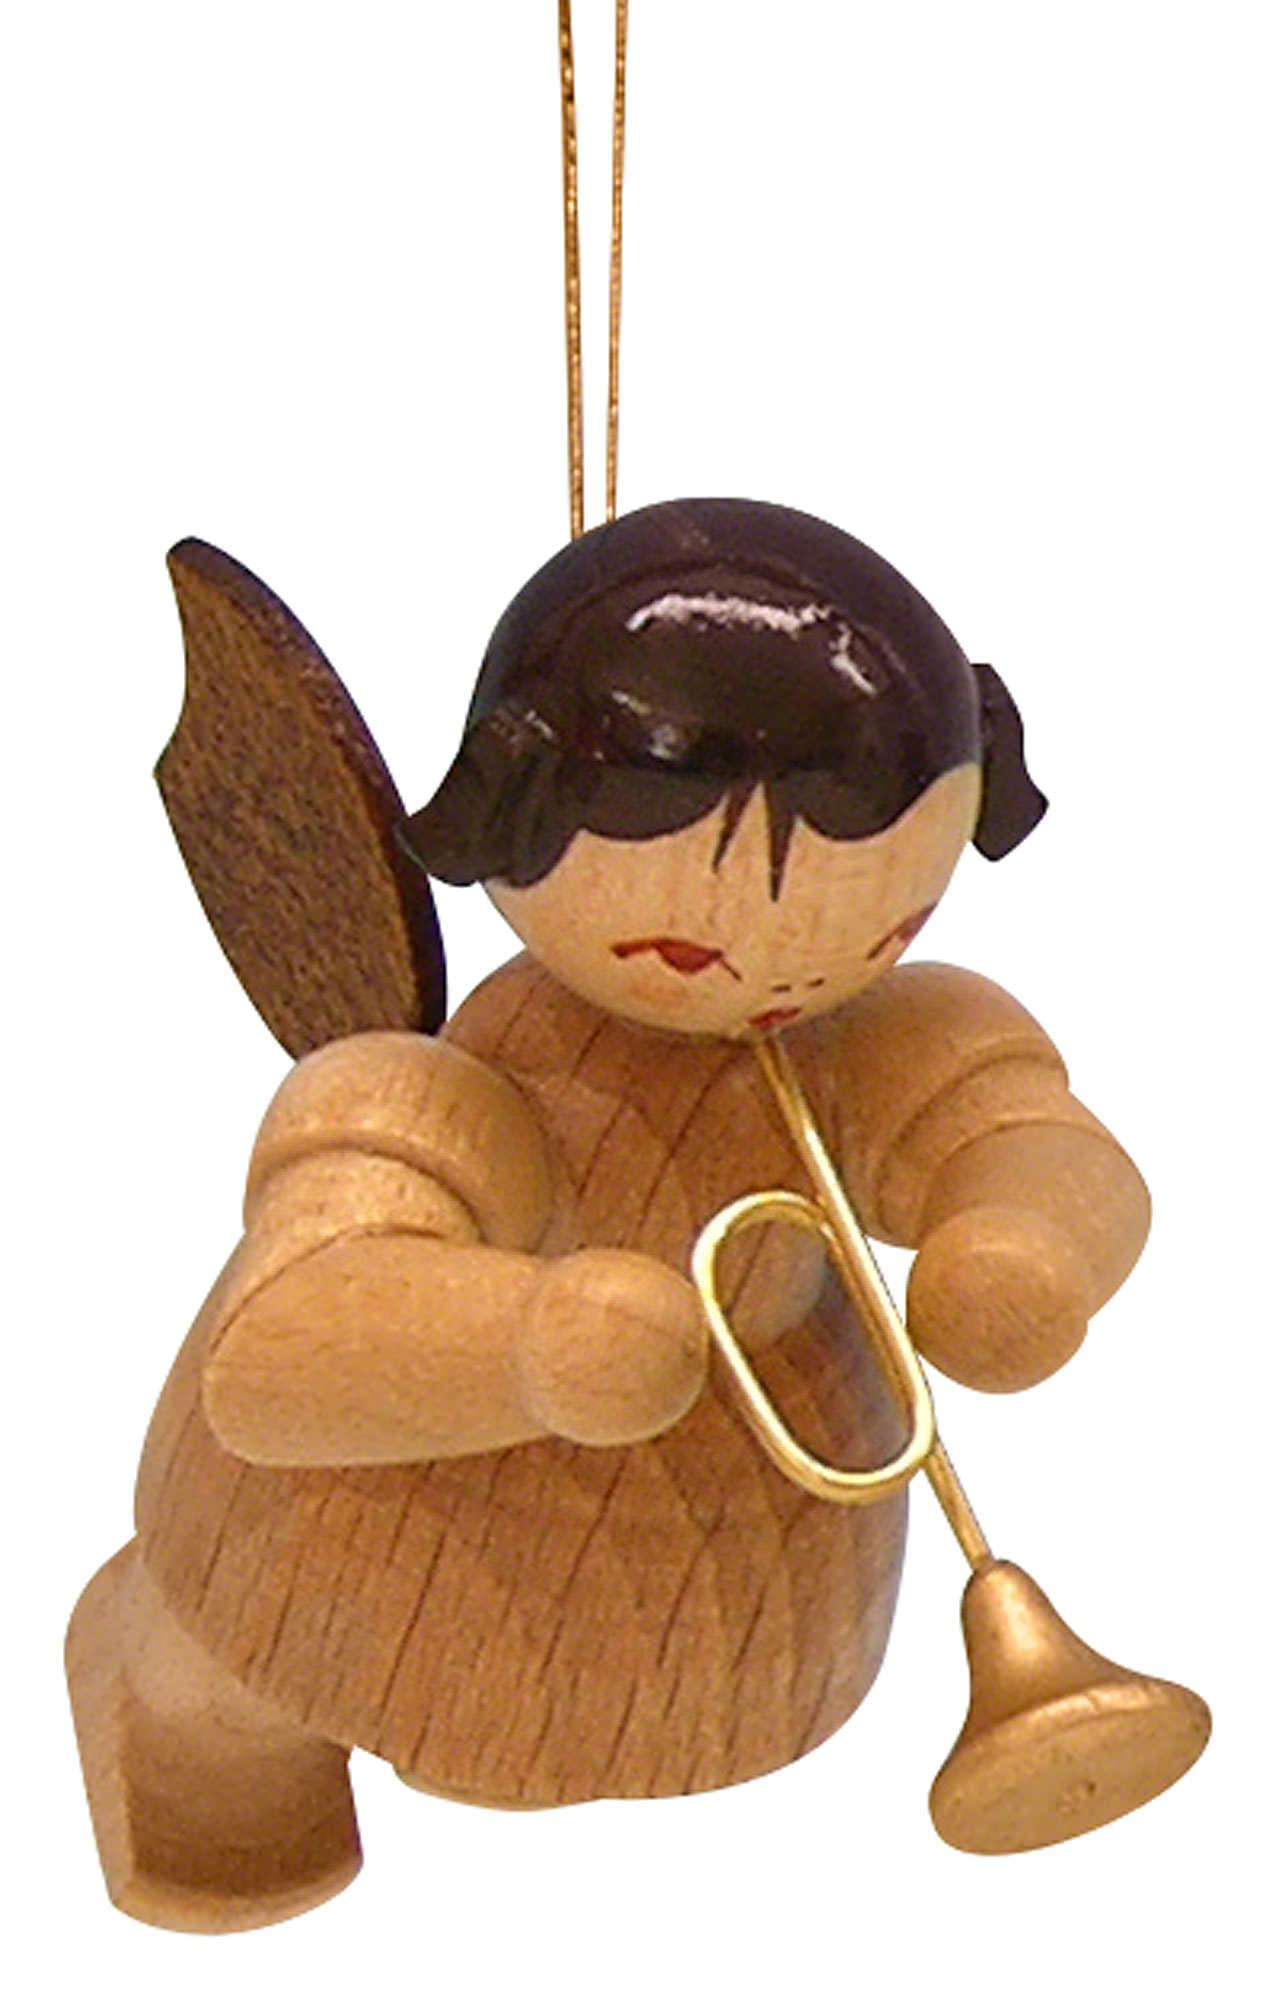 christbaumschmuck engel mit trompete natur schwebend. Black Bedroom Furniture Sets. Home Design Ideas